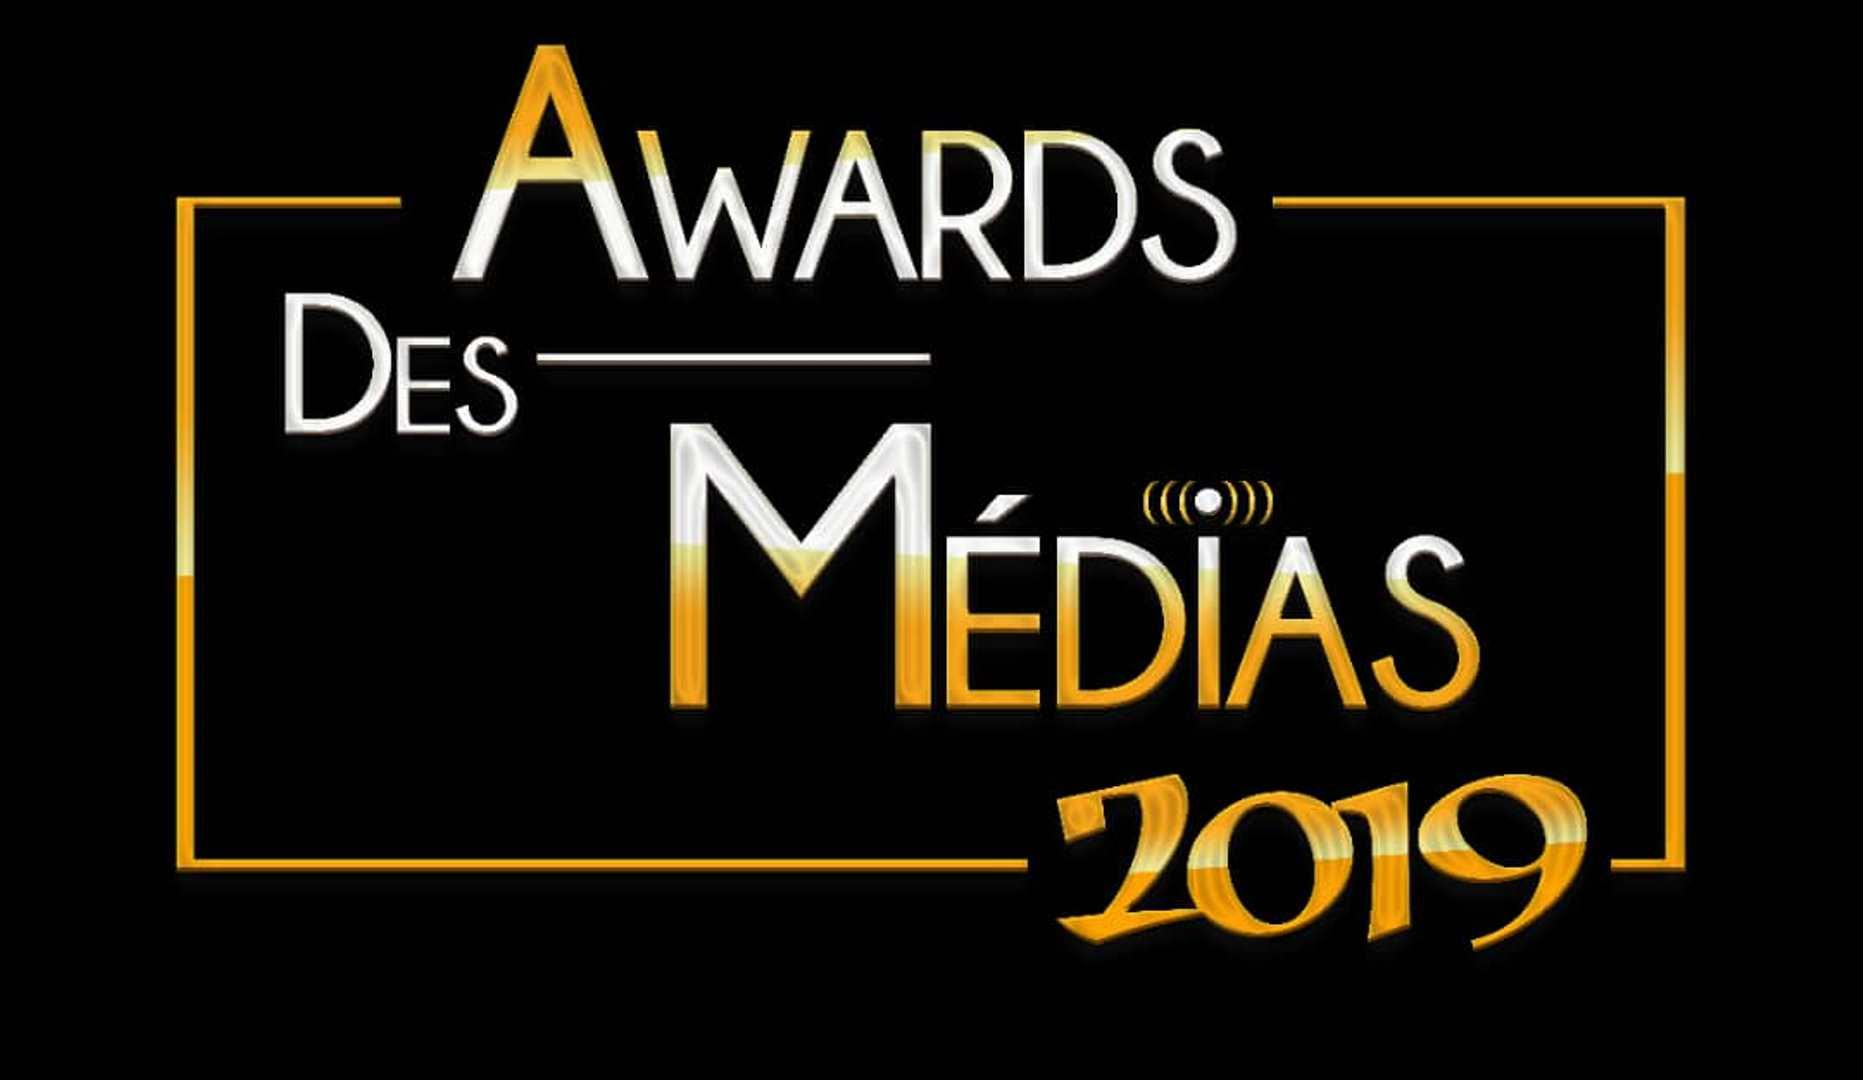 Palmarès Awards des médias 2019